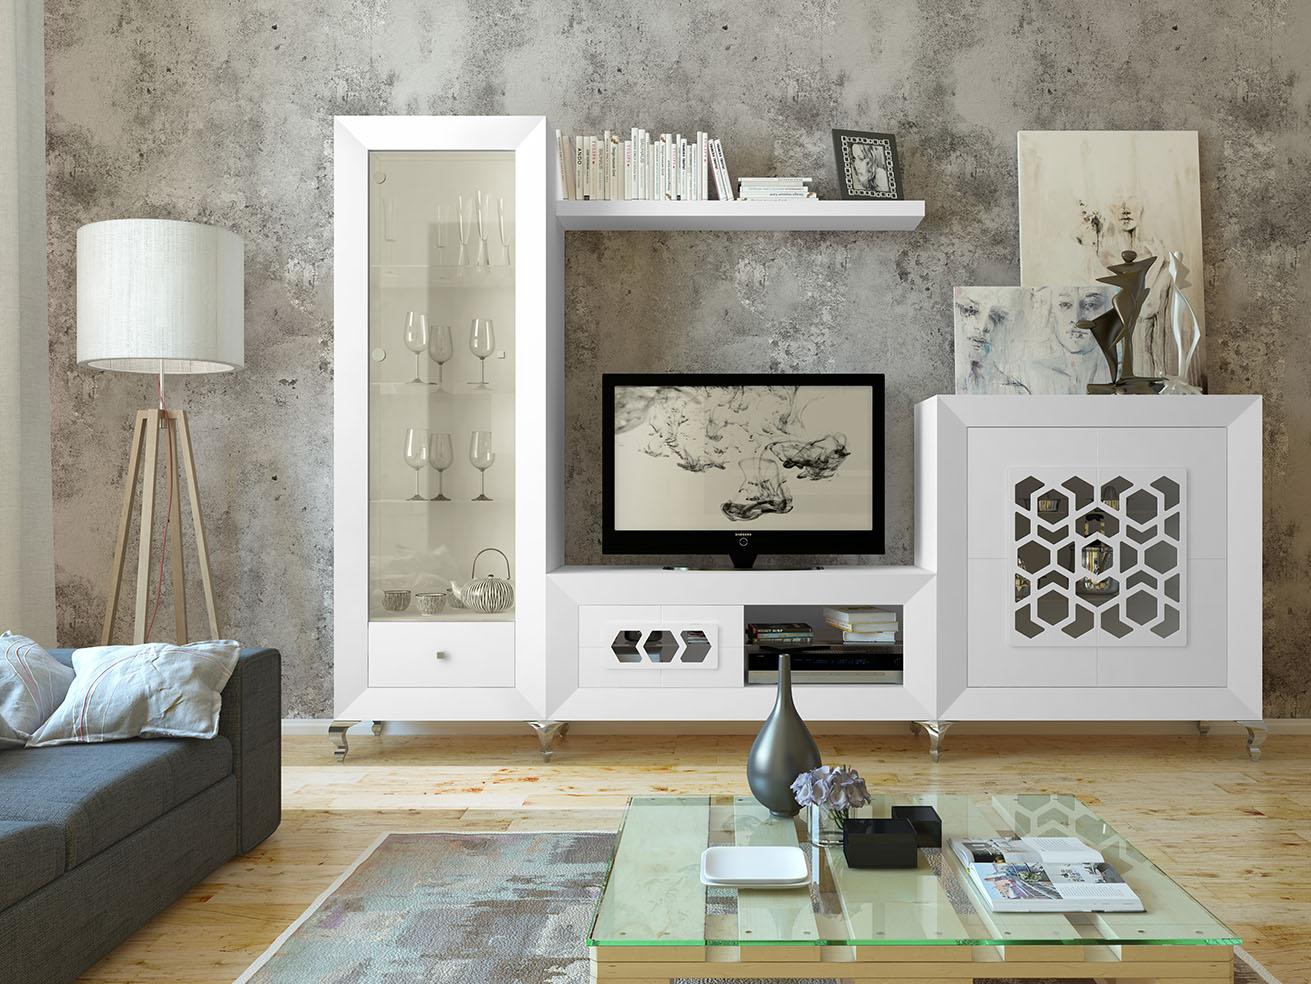 salon-contemporaneo-Basik-muebles-paco-caballero-1231-5c93923fa2eb3